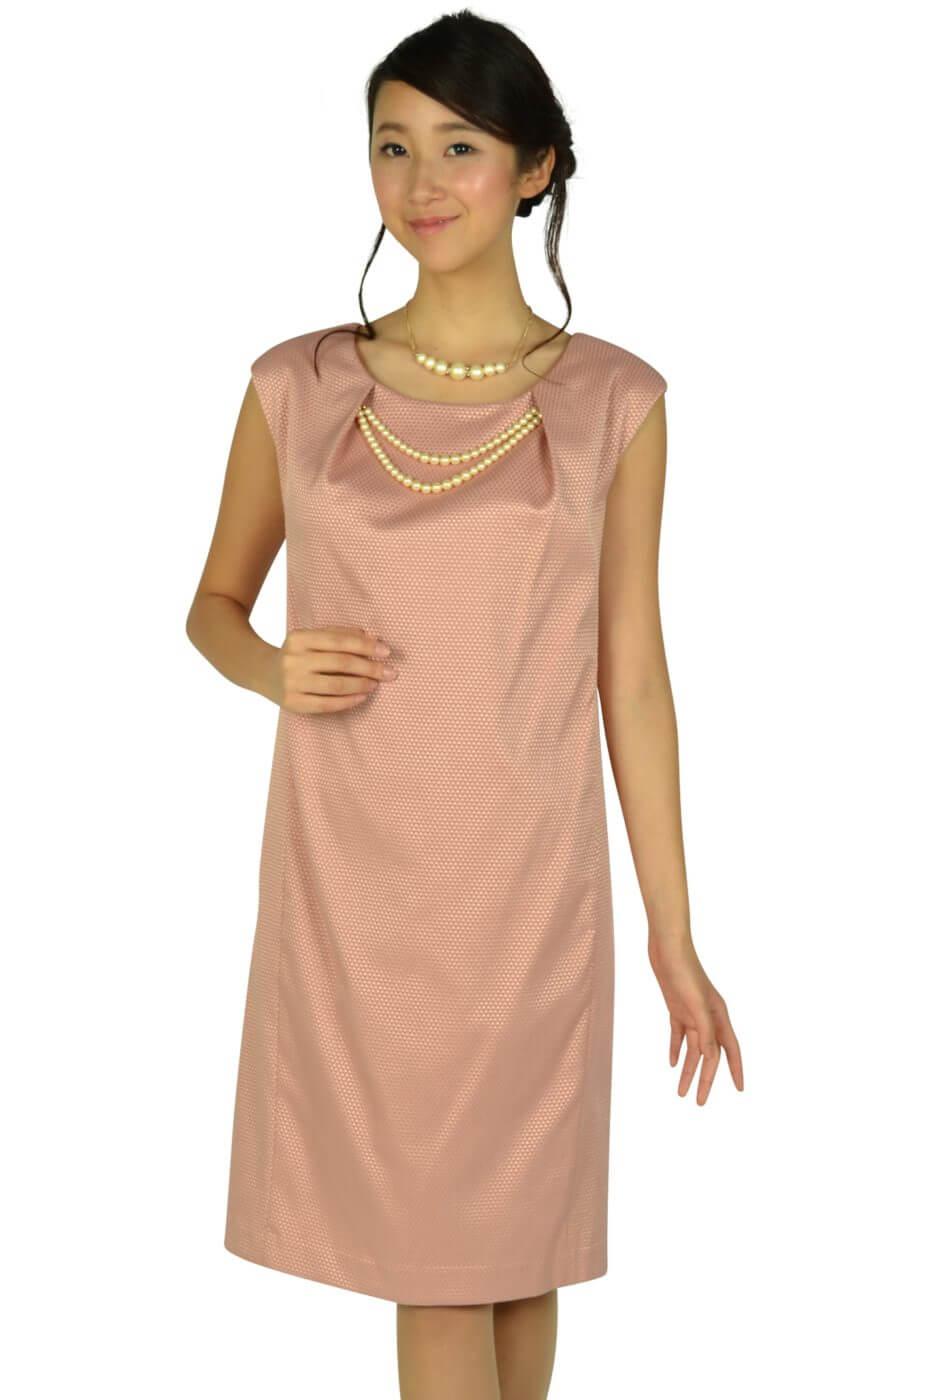 ナノユニバース (nano・universe)パール飾り付きピンクドレス